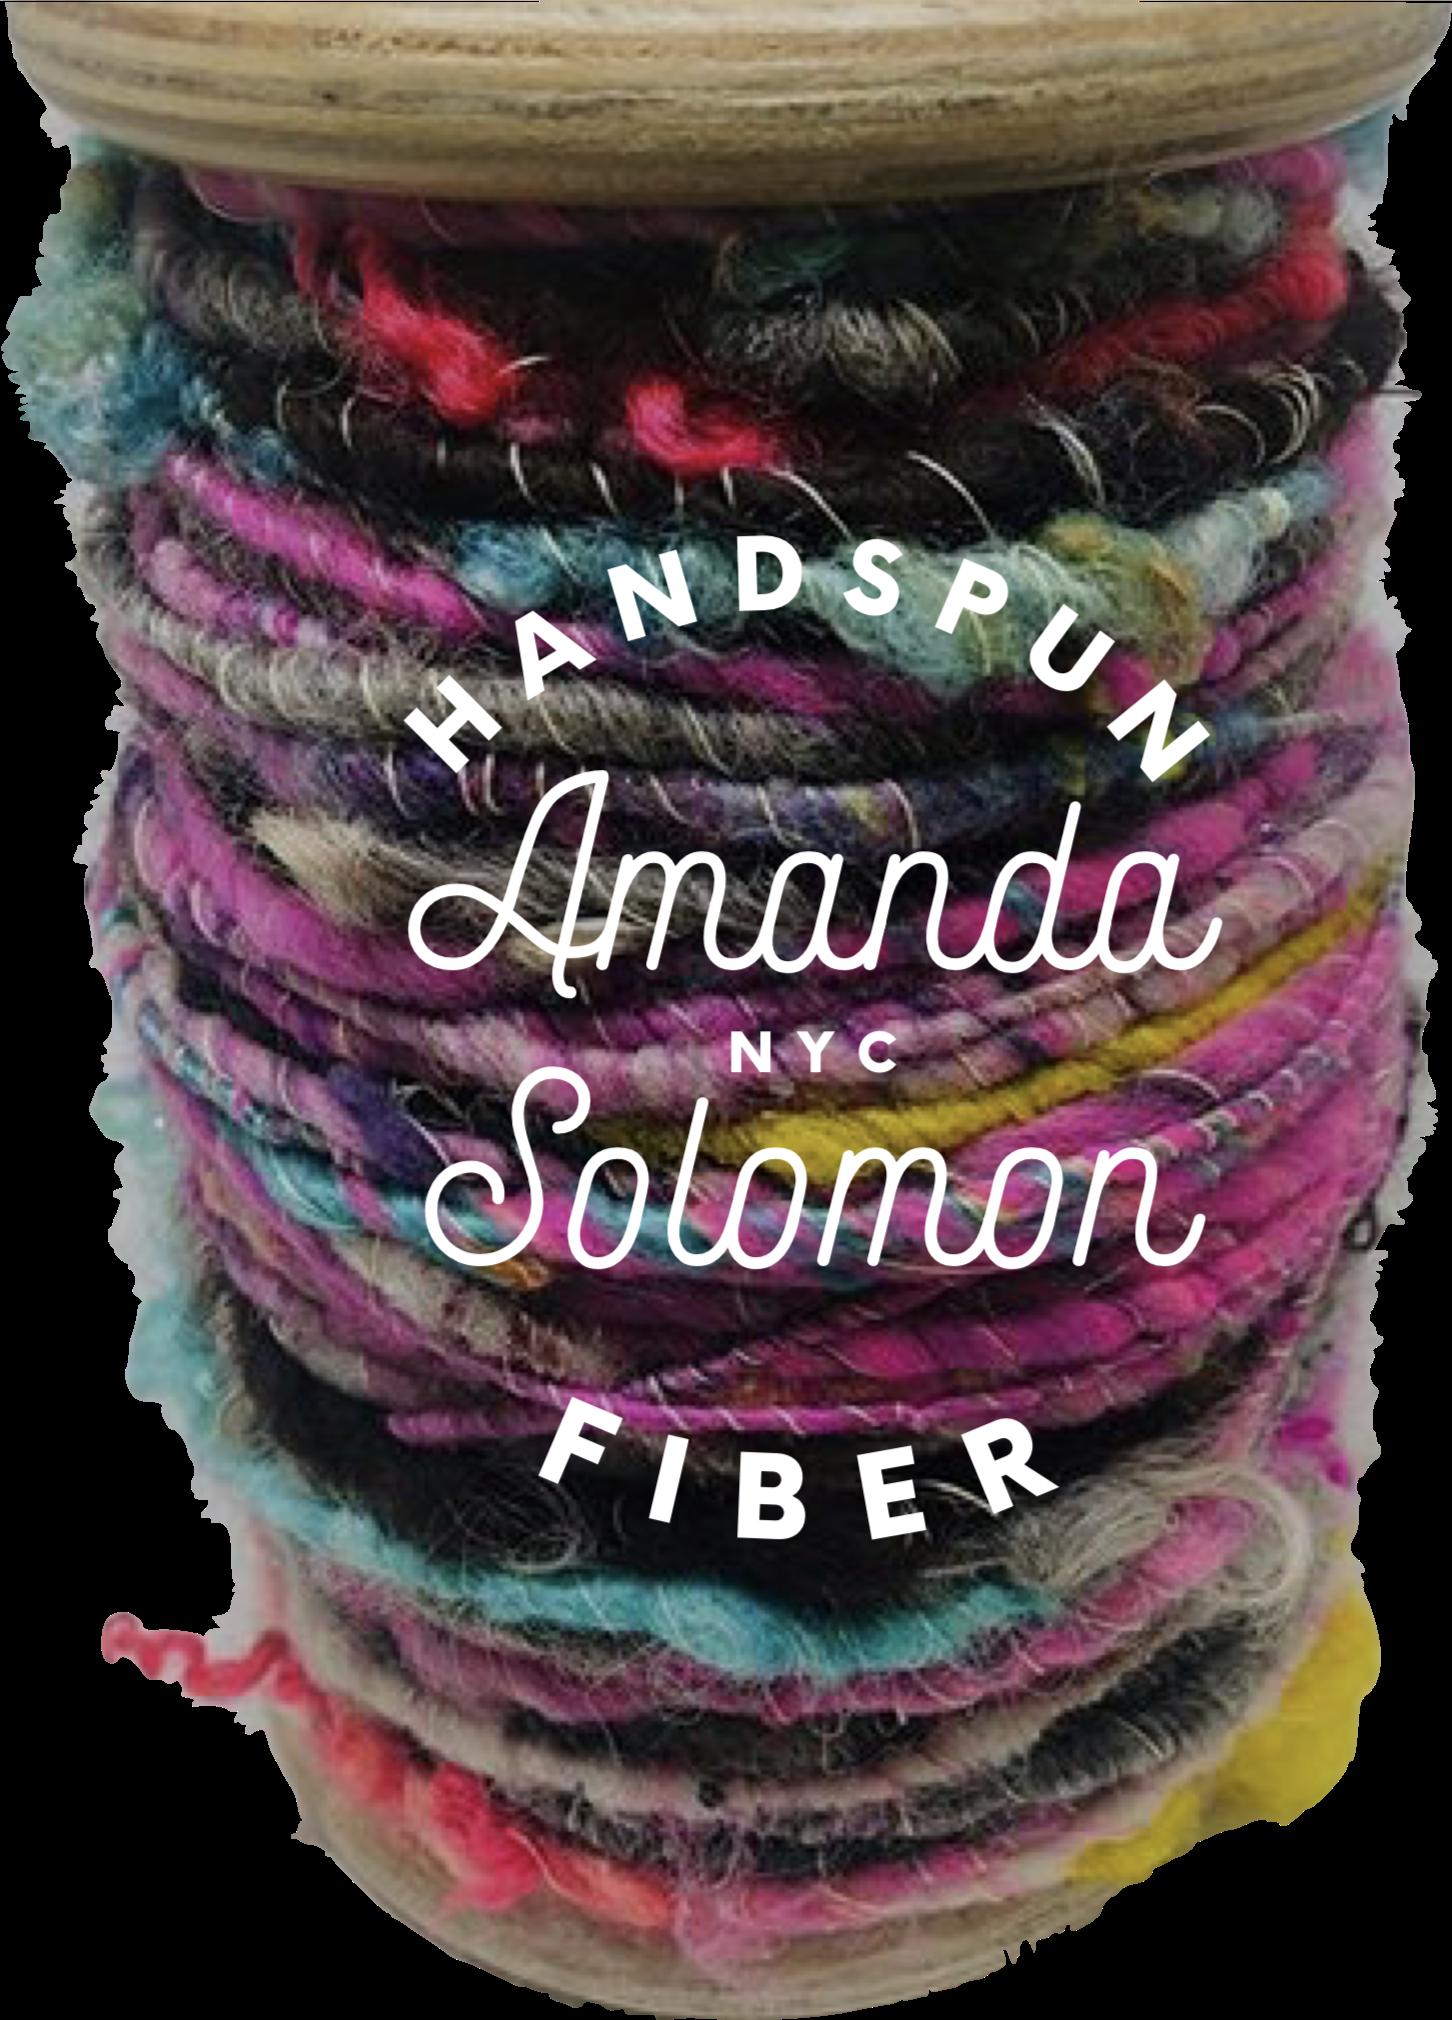 Amanda-Solomon -1.png